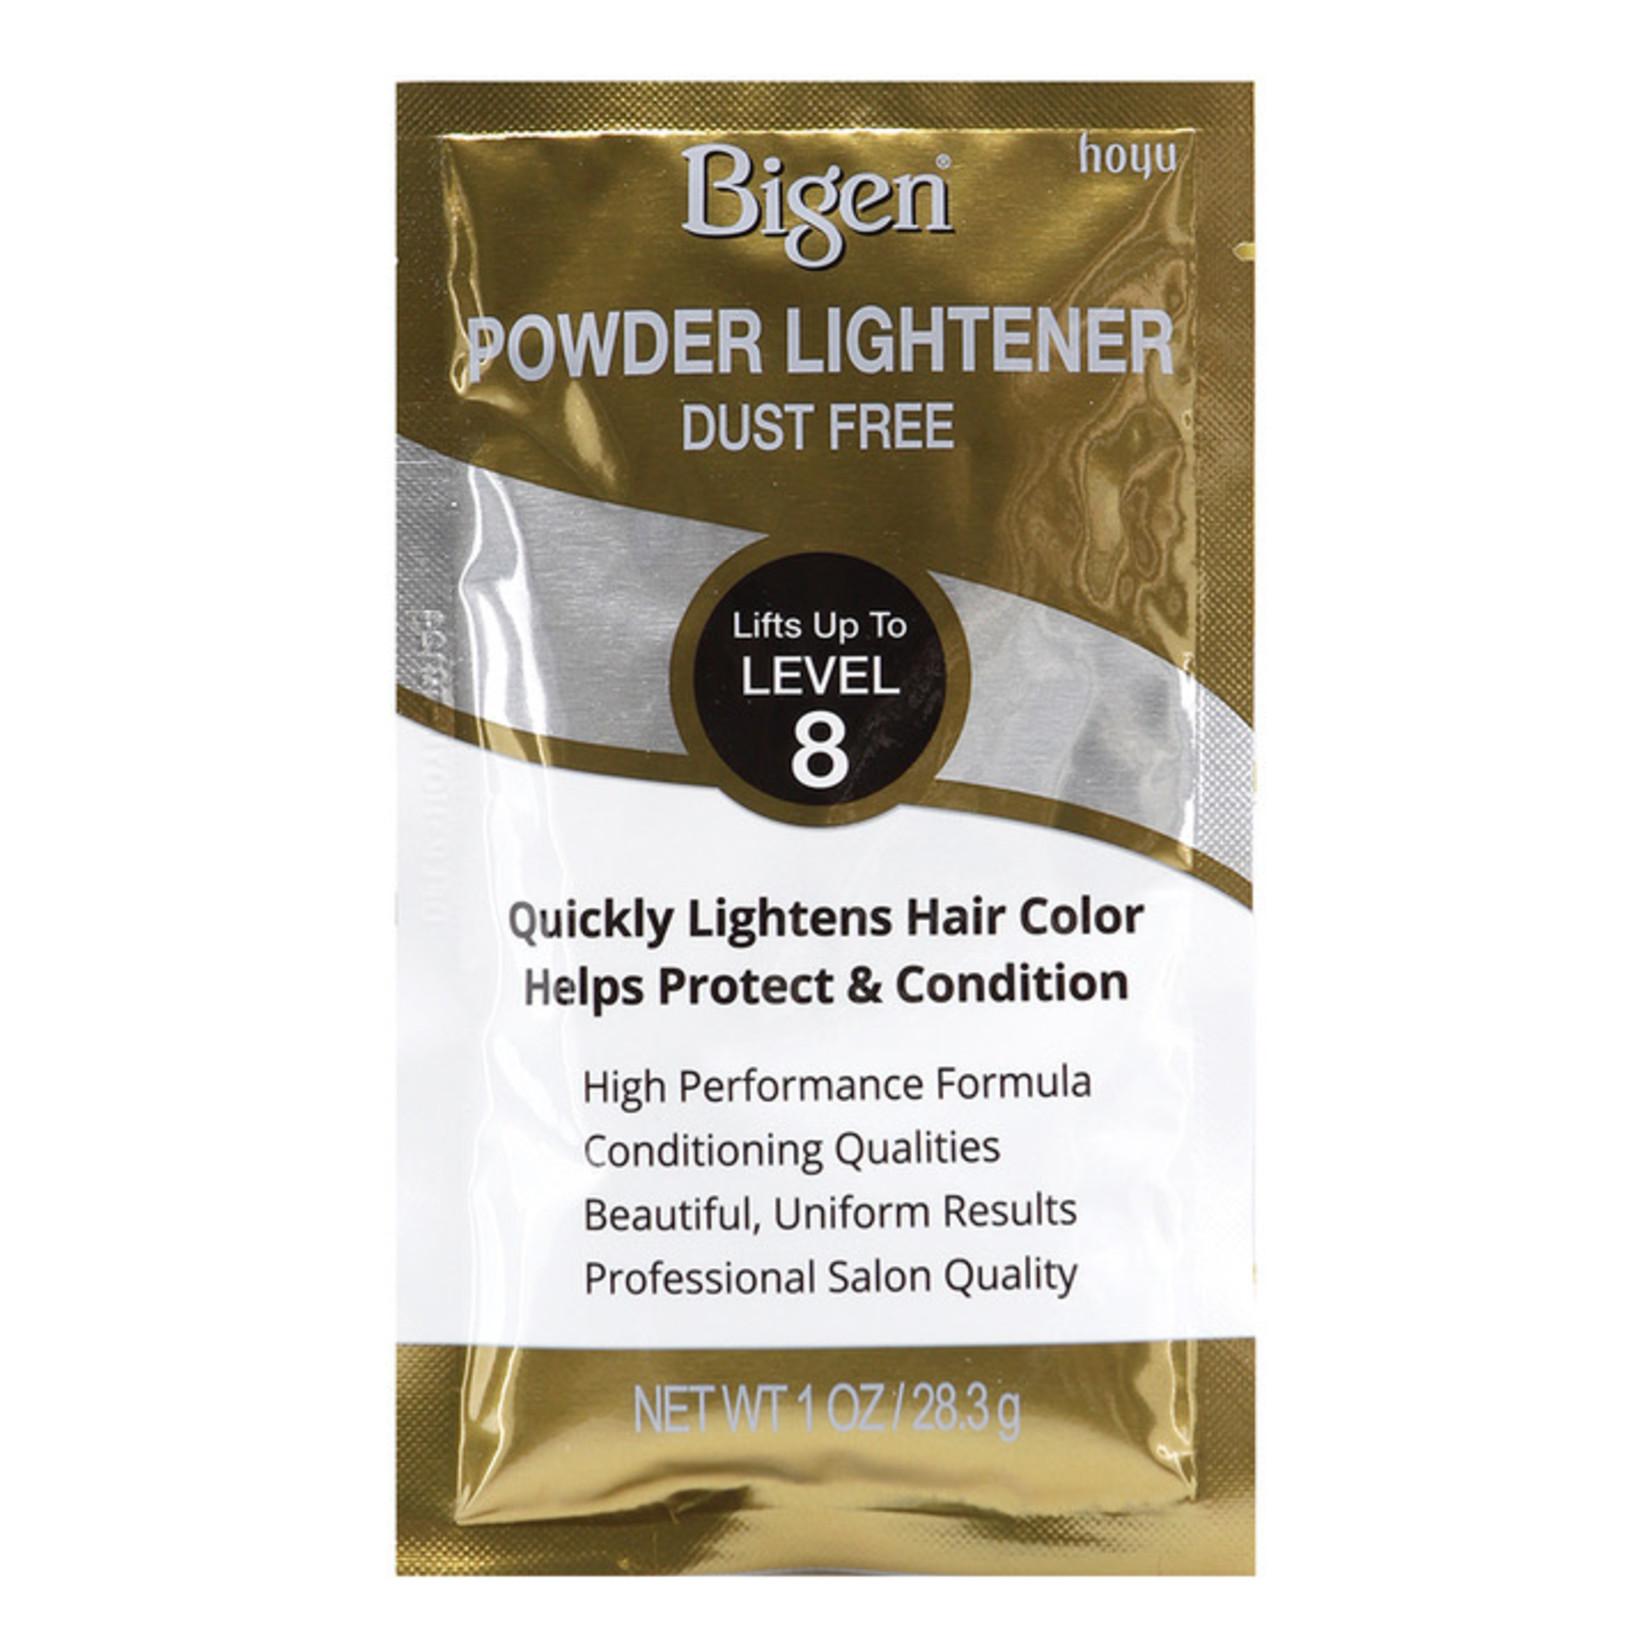 BIGEN BIGEN POWDER LIGHTENER - PACKET